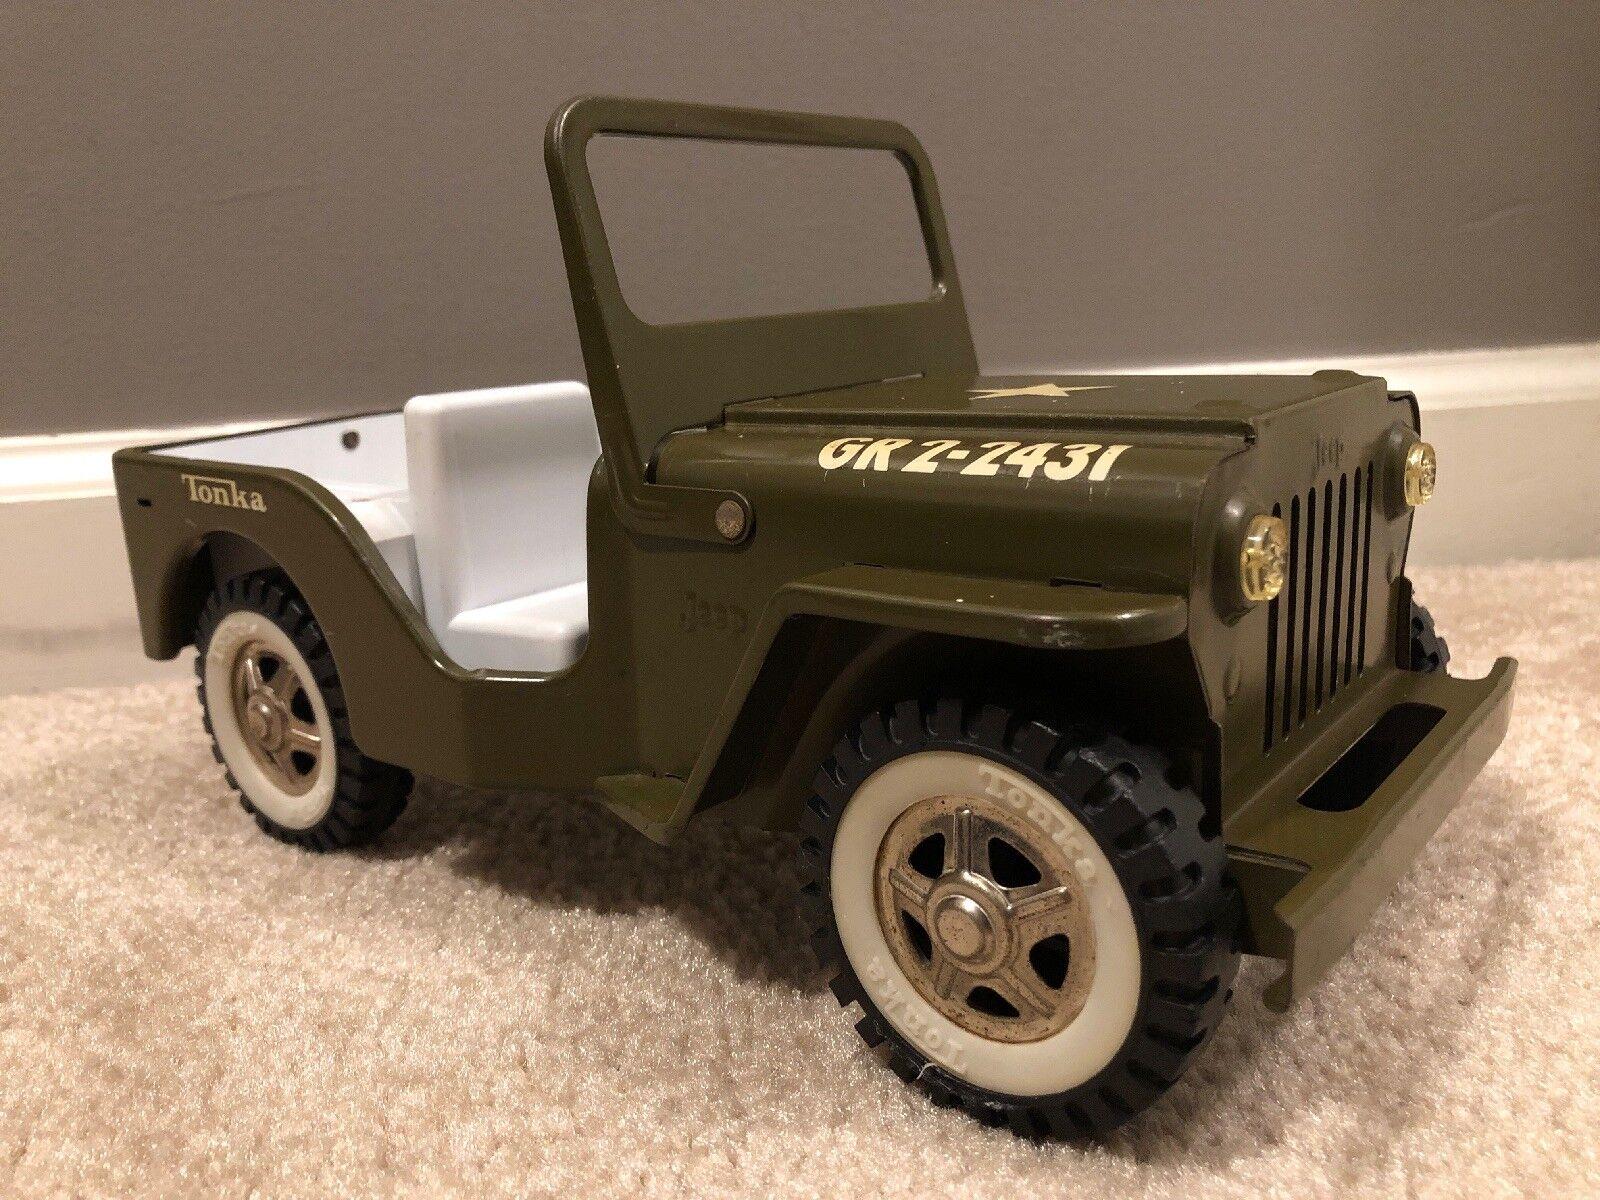 Década de 1960 Vintage Tonka Jeep del ejército no dosel 'G-2-2431' Acero Prensado